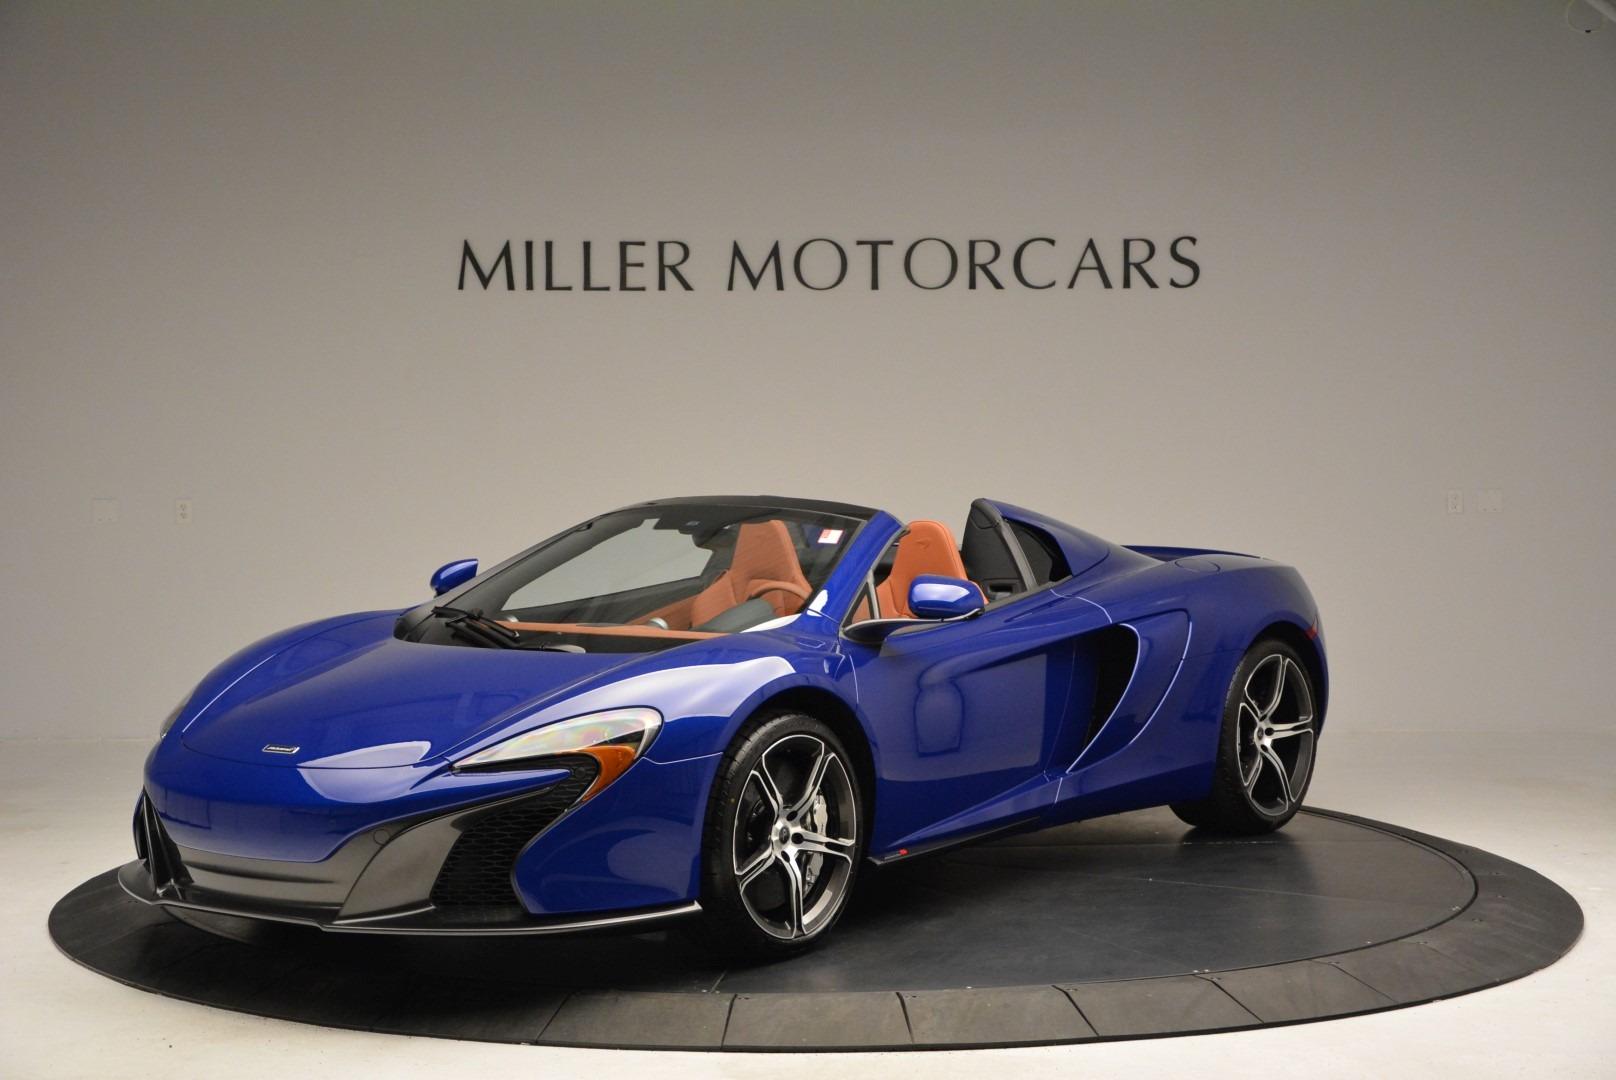 Used 2015 McLaren 650S Spider Convertible for sale Sold at Alfa Romeo of Westport in Westport CT 06880 1